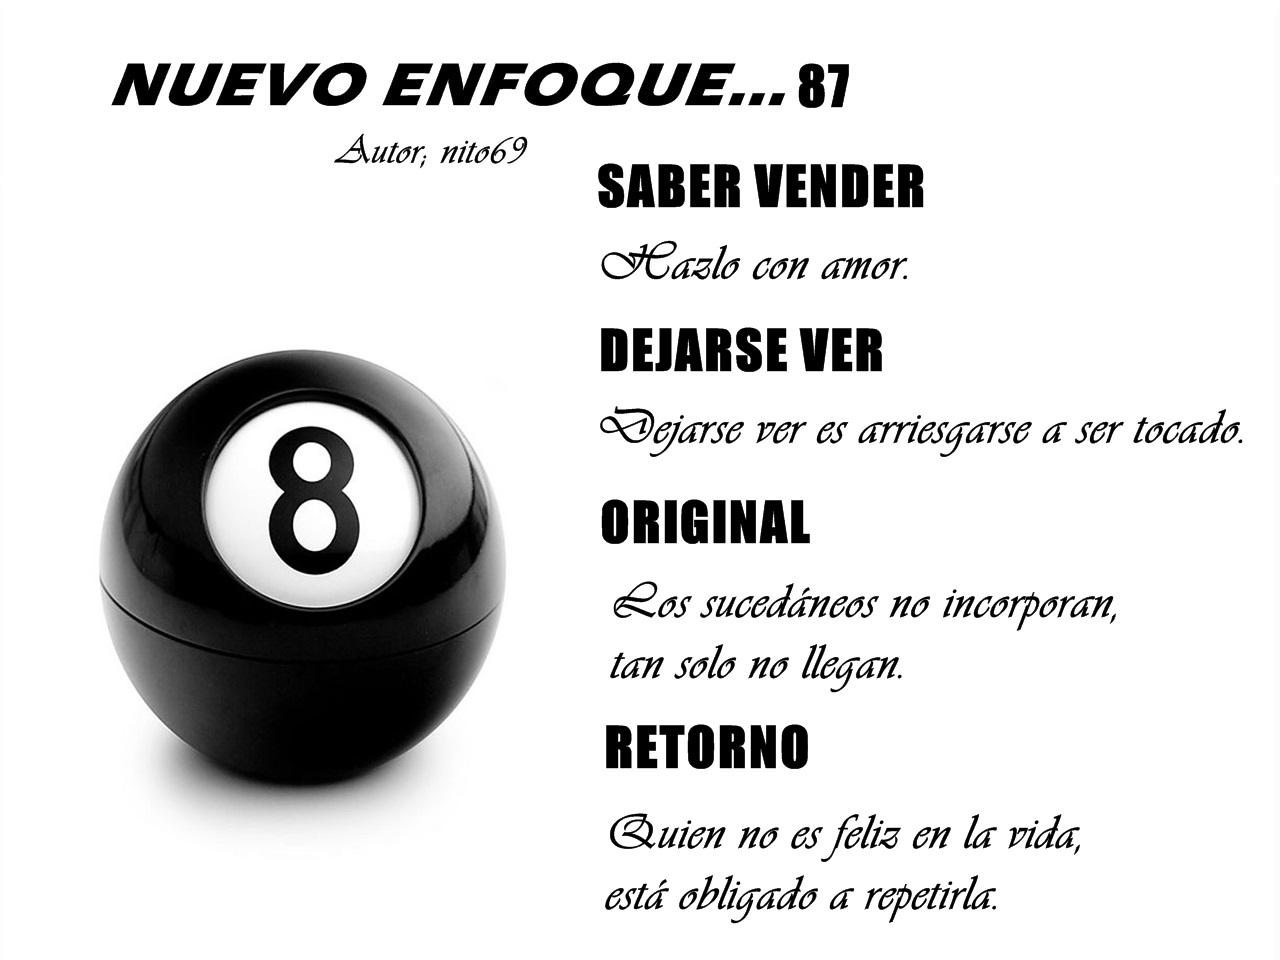 NUEVO ENFOQUE…87